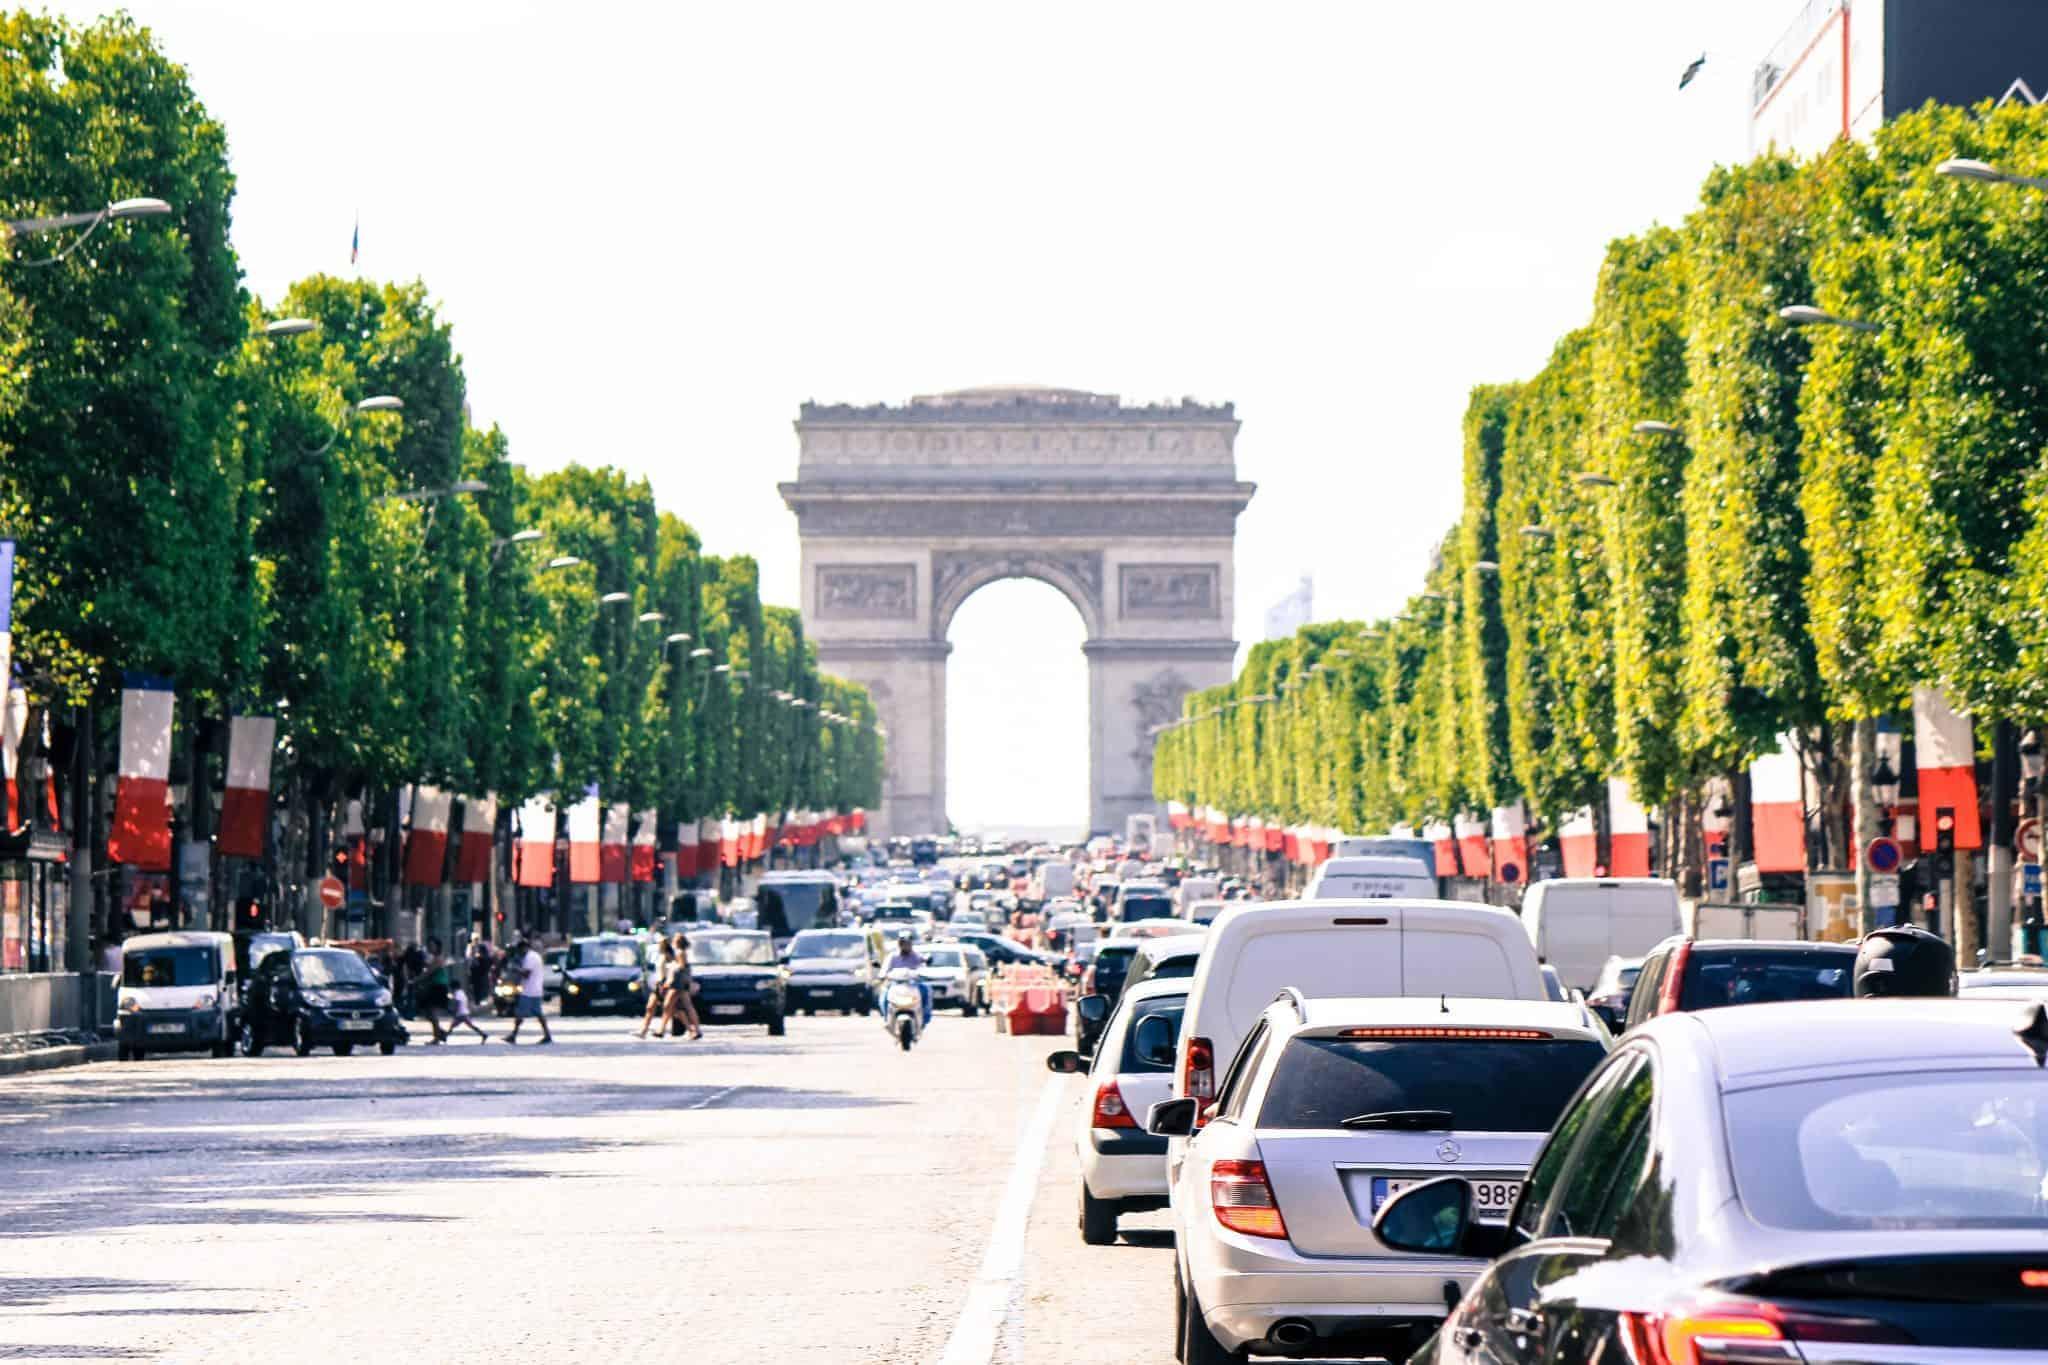 Champs-Elysées, Arc de Triomphe, best time to visit paris, best time to travel to Paris, best time of year to visit paris, attractions in Paris,best time to visit paris france, things to do in Paris, paris 3 days itinerary